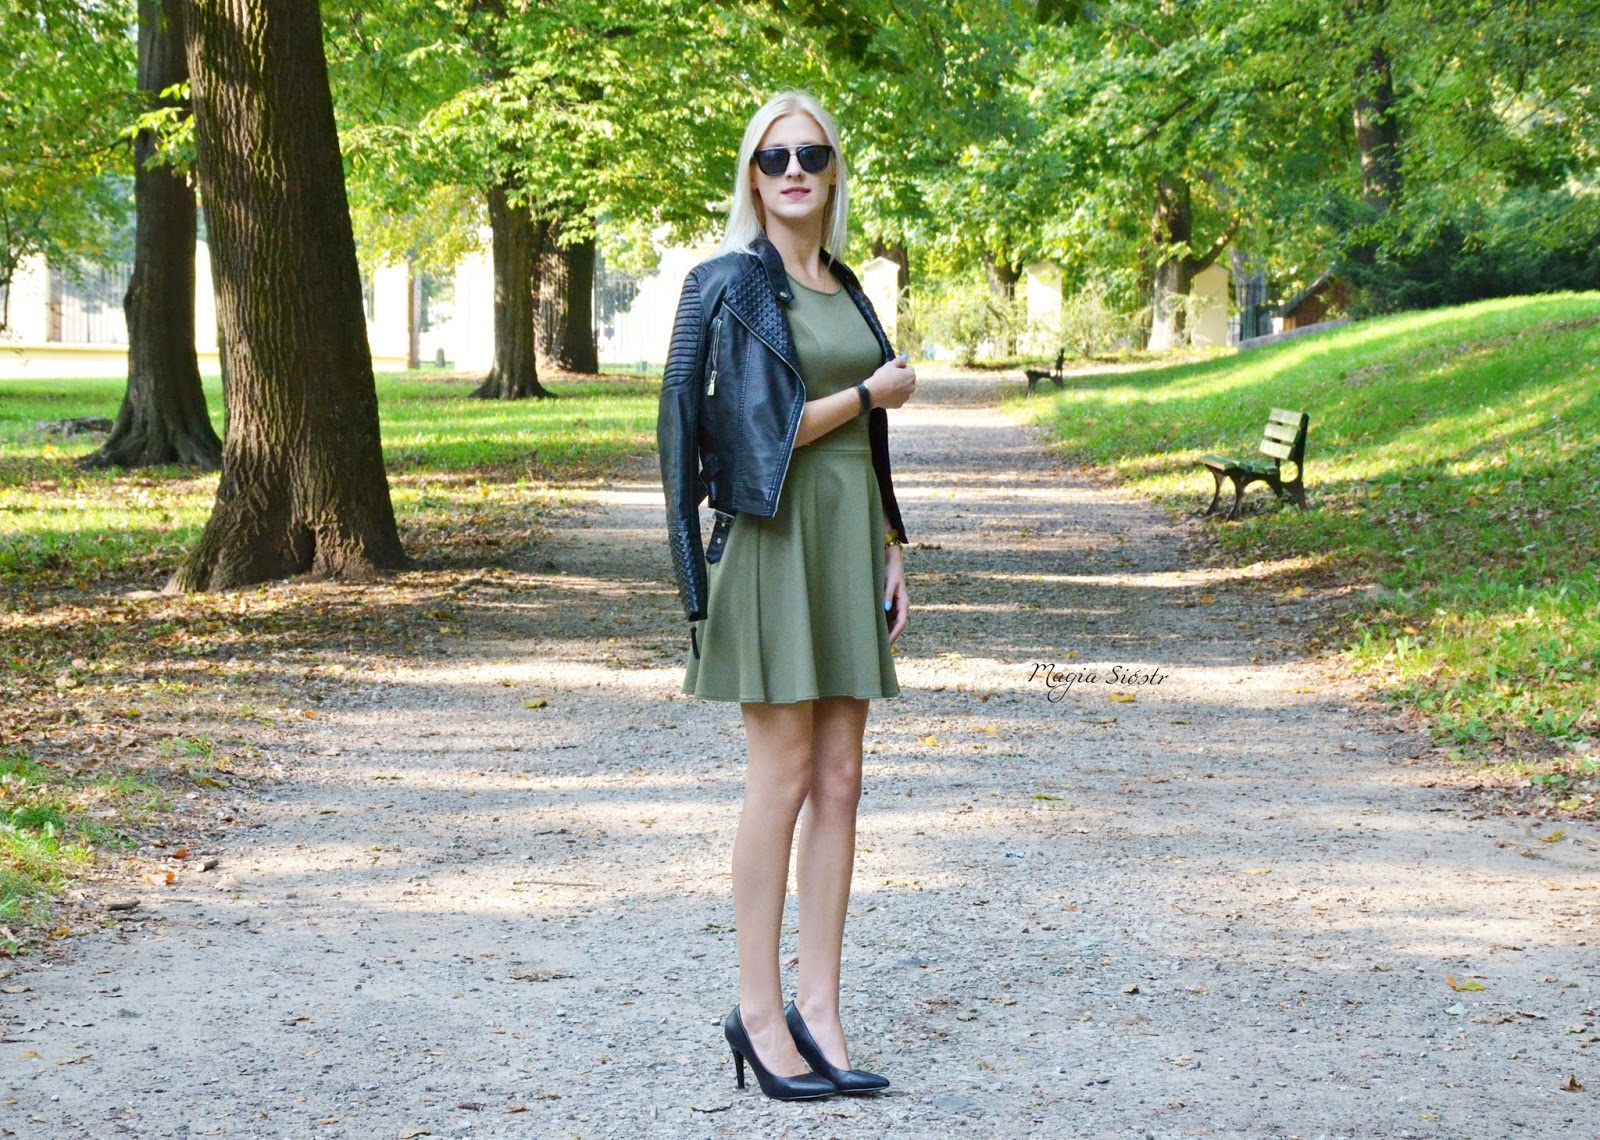 kurtki damskie, moda jesień 2015, modne stylizacje, stylizacje jesienne 2015